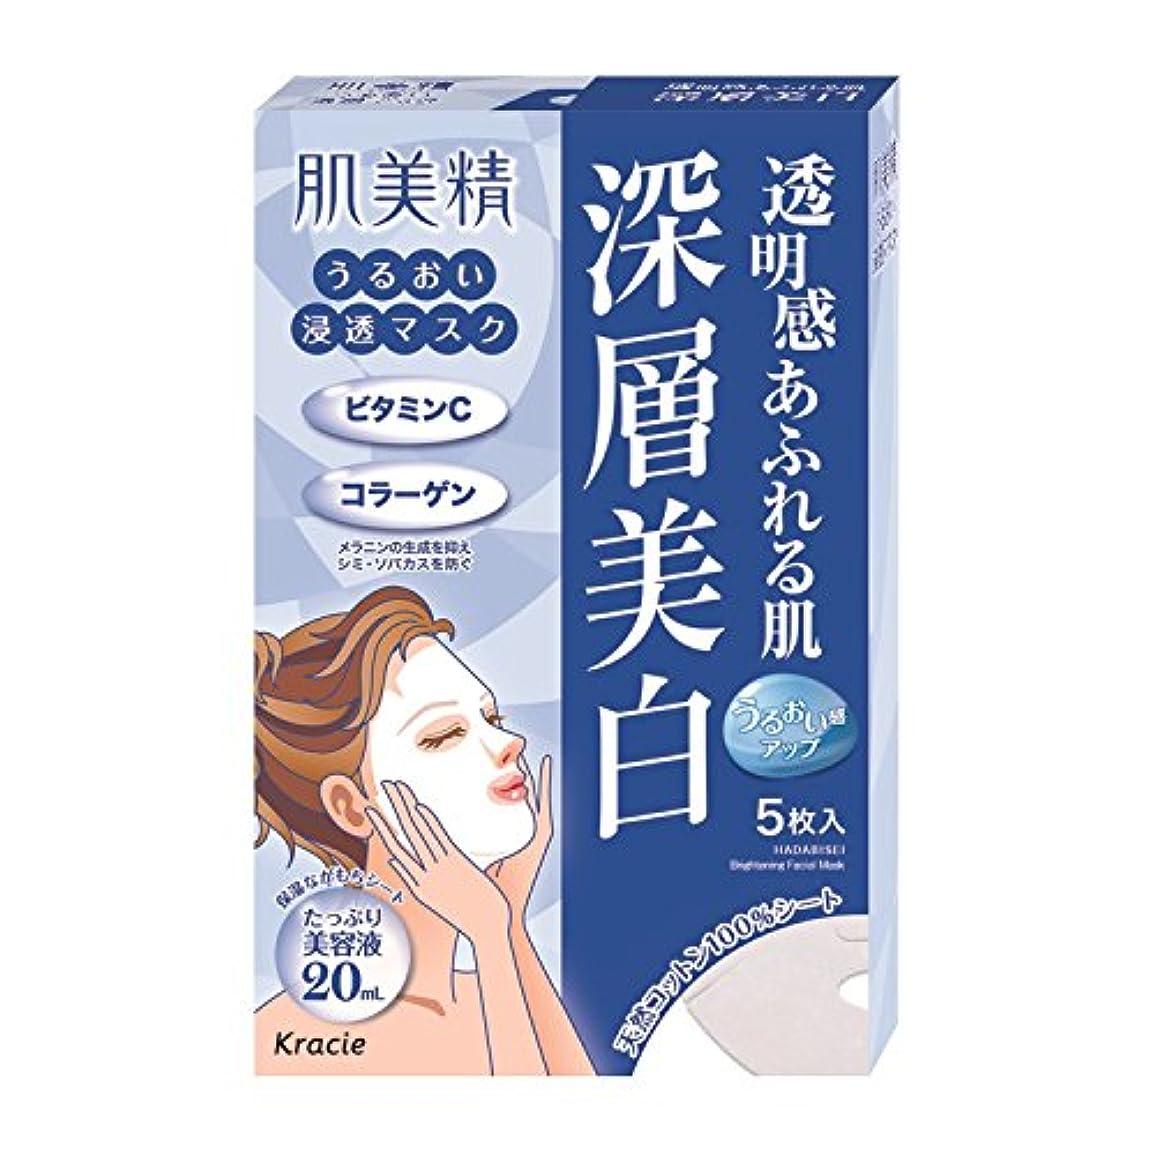 閉じる美徳アラート【まとめ買い】肌美精 うるおい浸透マスク(深層美白タイプ)5枚入 ×2セット